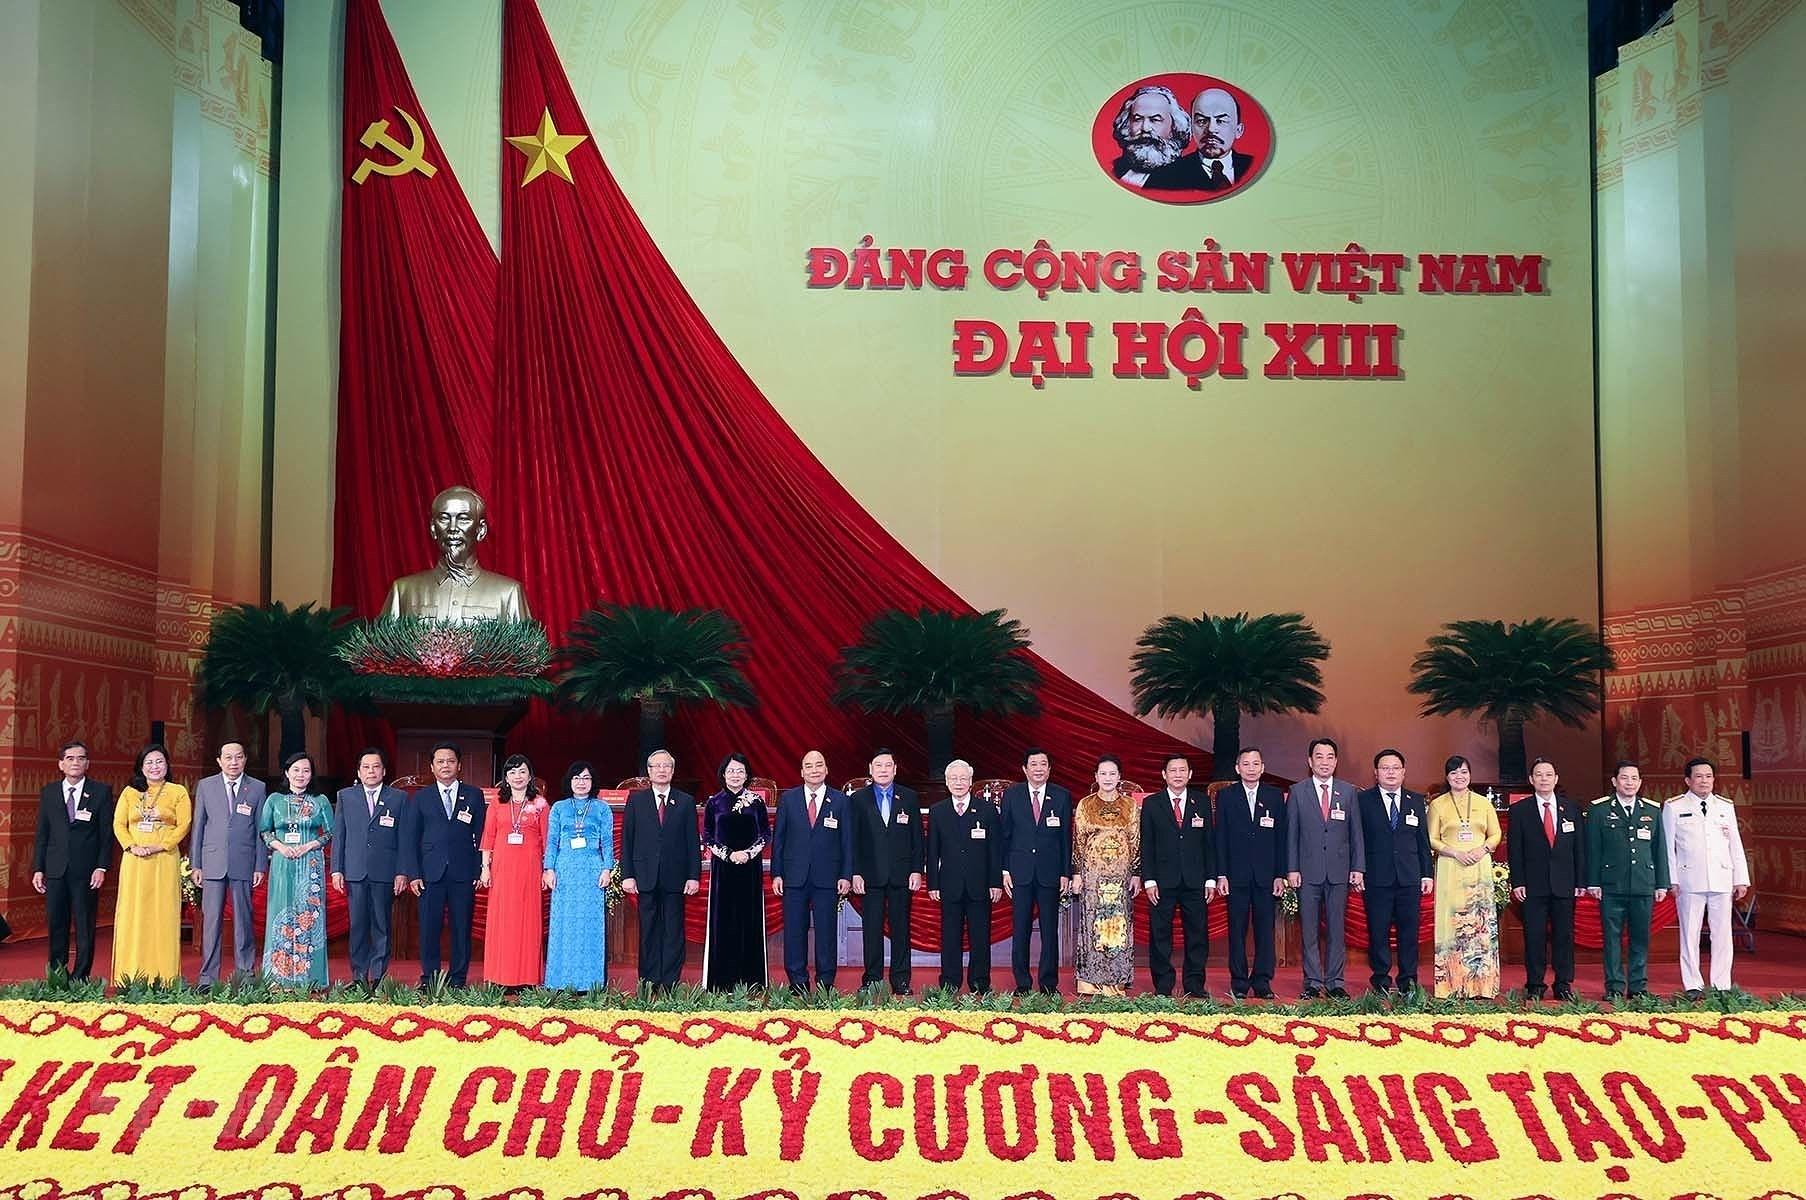 [Photo] Ngay lam viec thu nam Dai hoi lan thu XIII cua Dang hinh anh 13